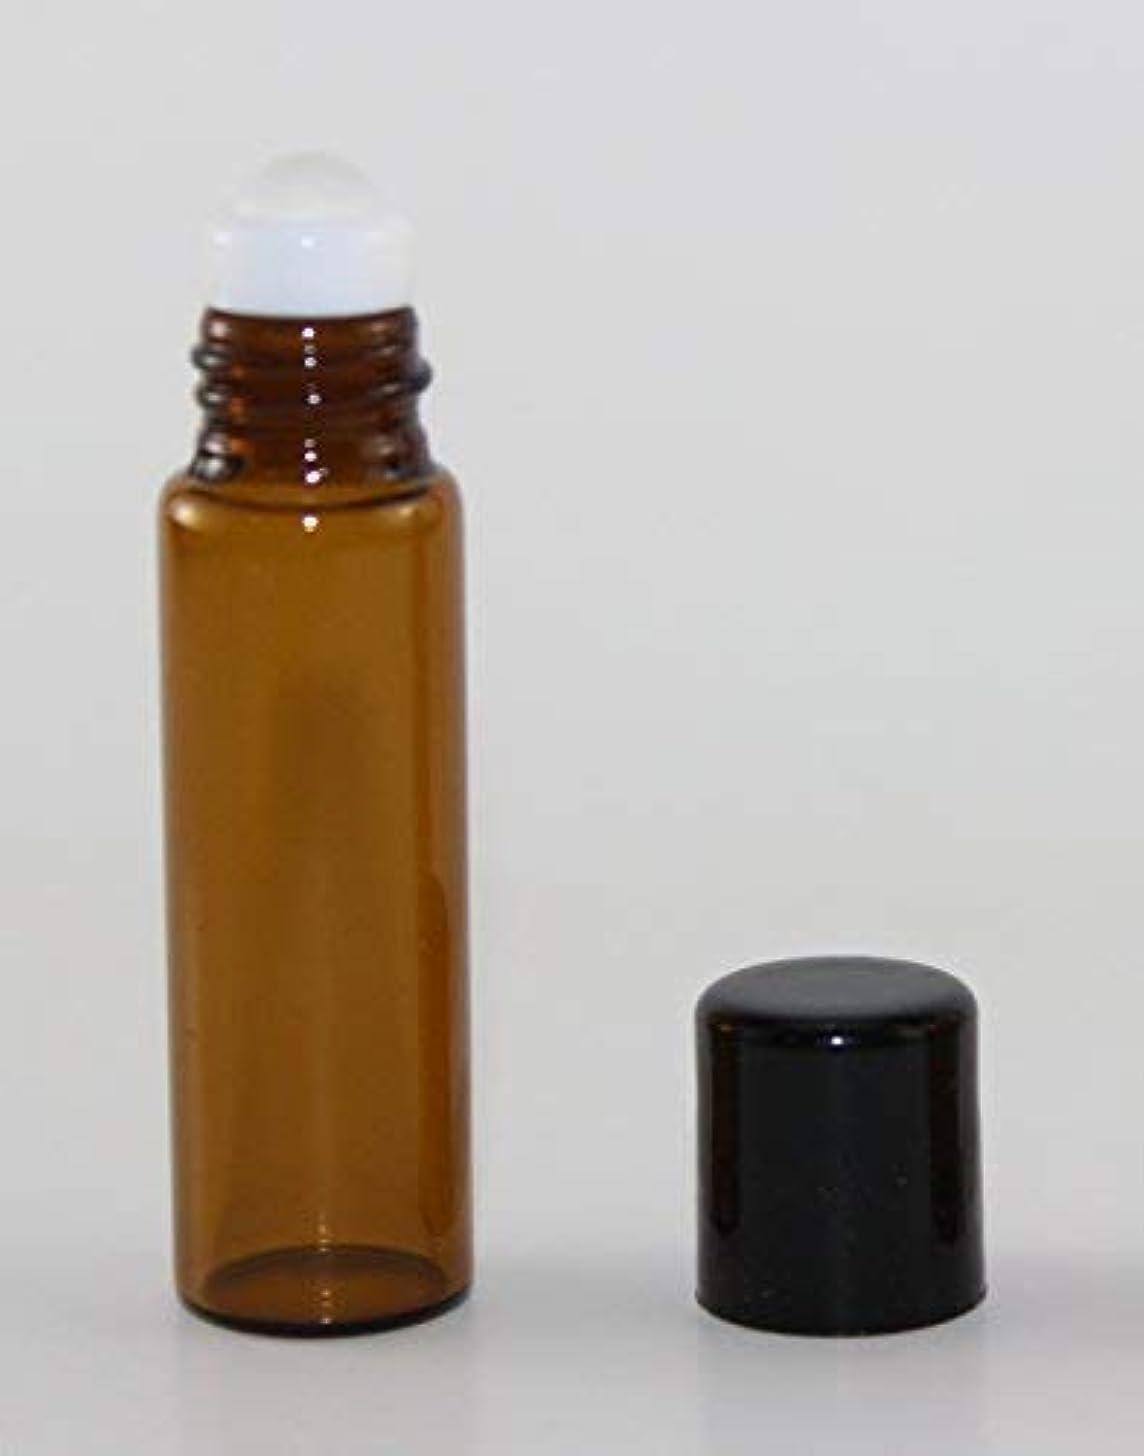 紀元前注釈けん引USA 72 Amber Glass 5 ml Roll-On Glass Bottles with GLASS Roller Roll On Balls - Refillable Aromatherapy Essential...